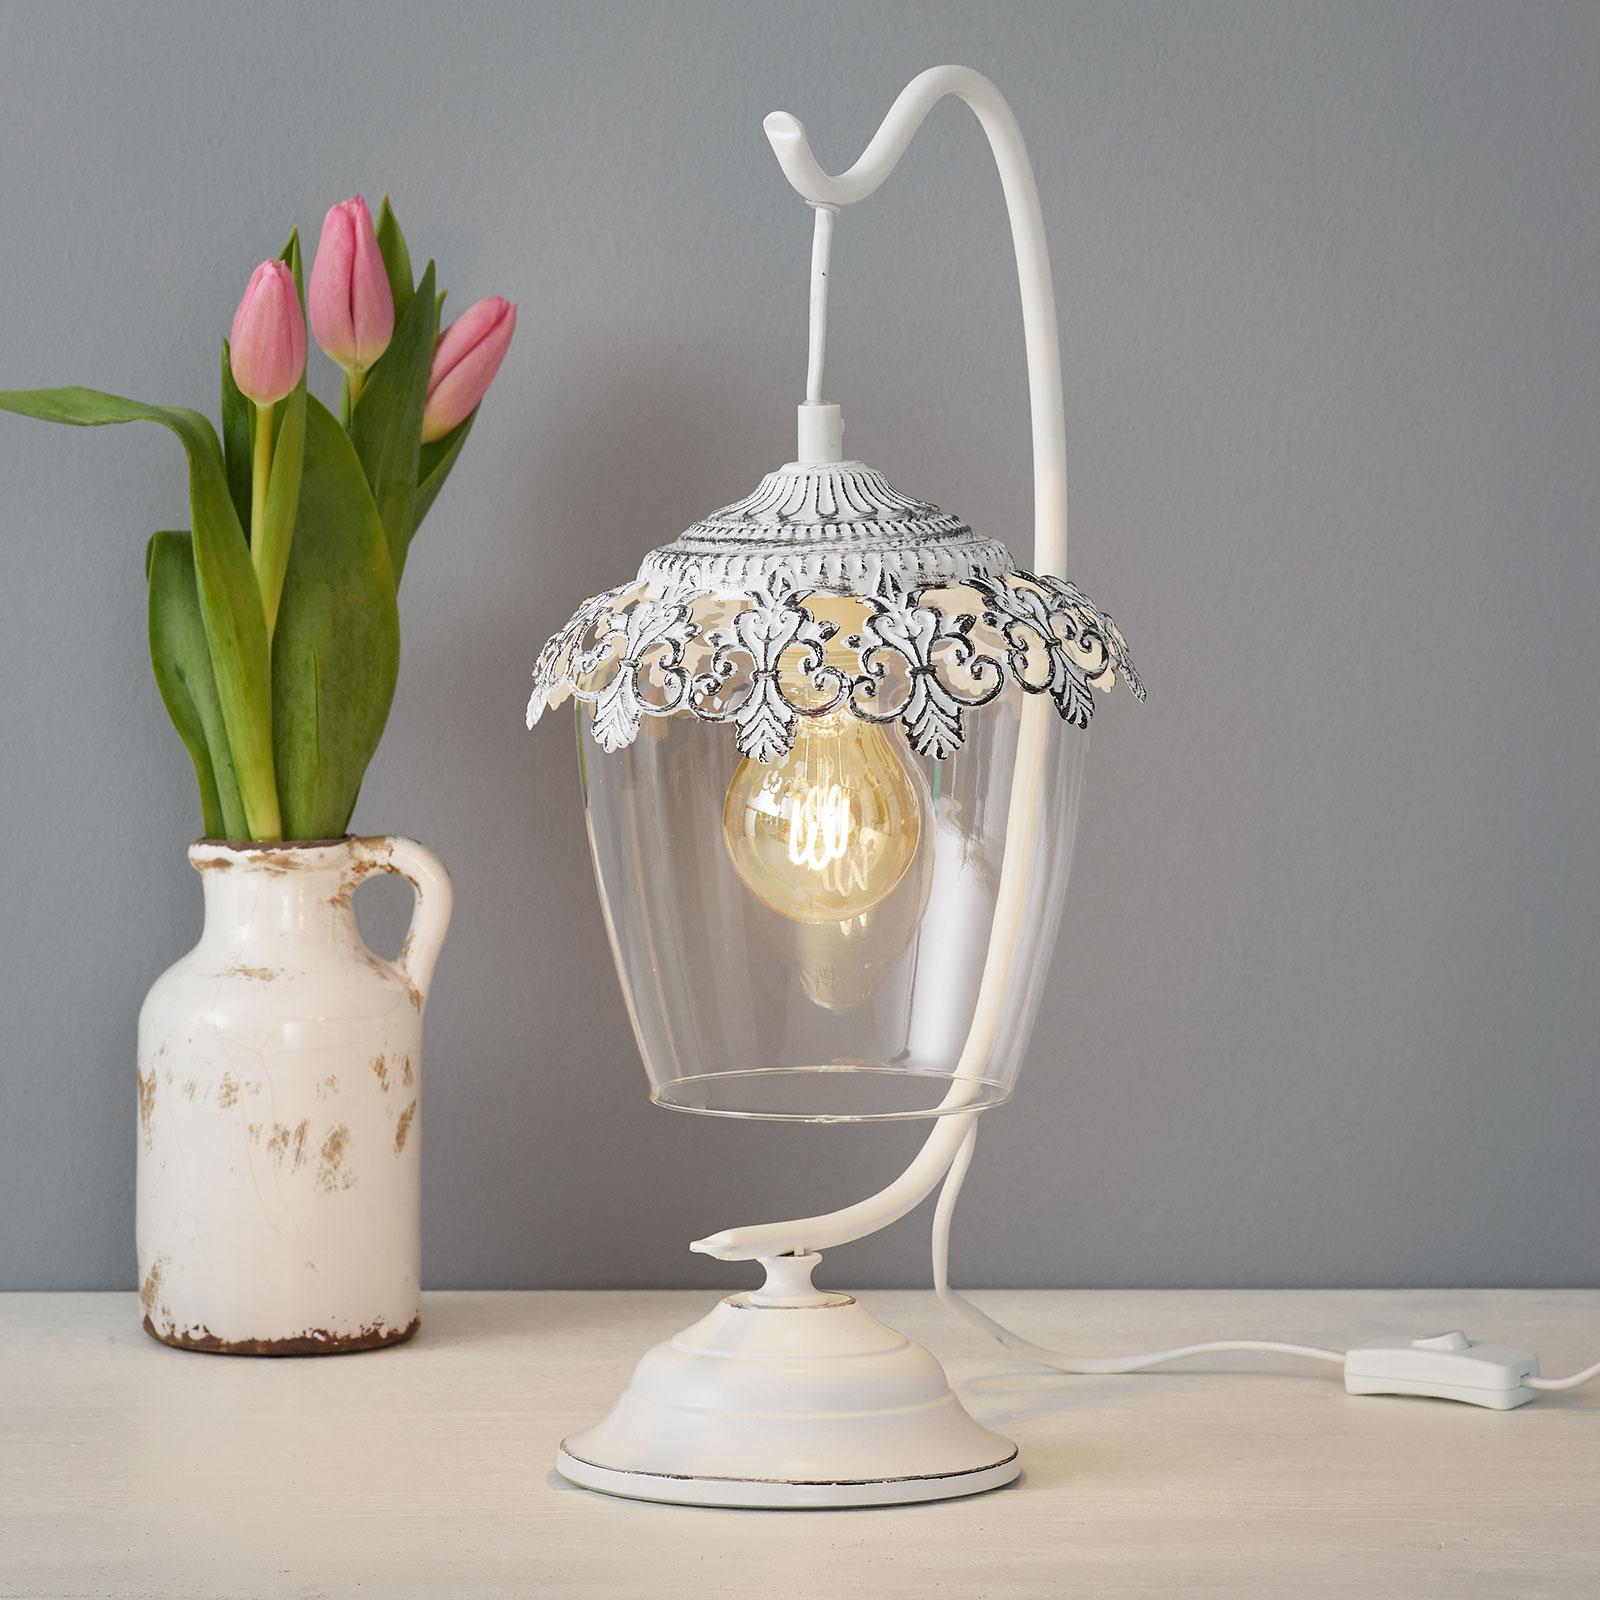 Lámpara de mesa Florinia blanca patinada